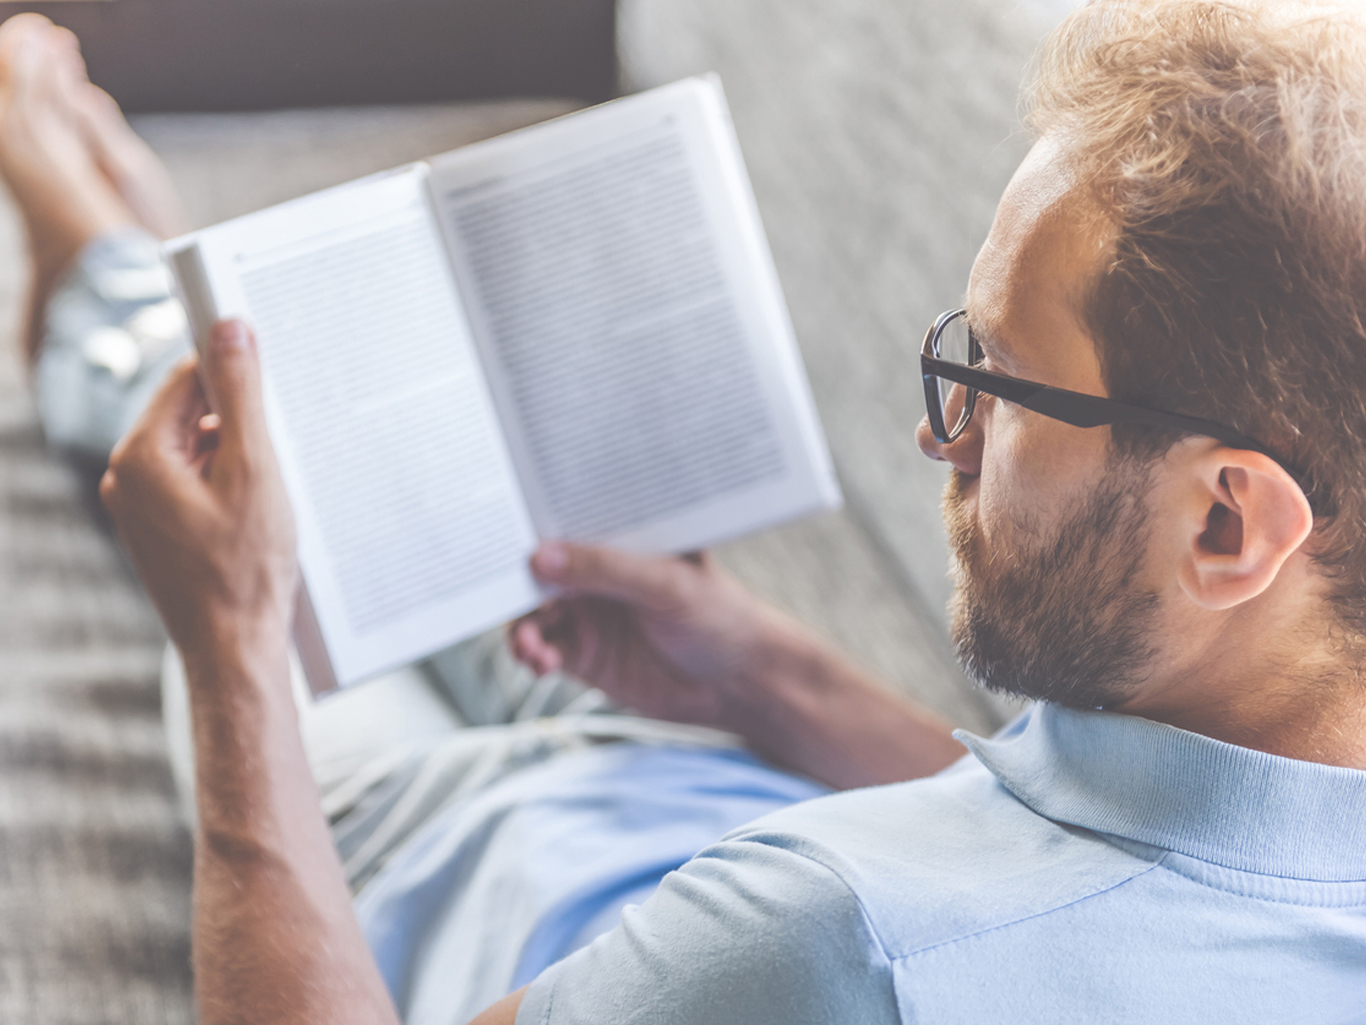 ТОП-10: самые интересные и полезные книги о бизнесе